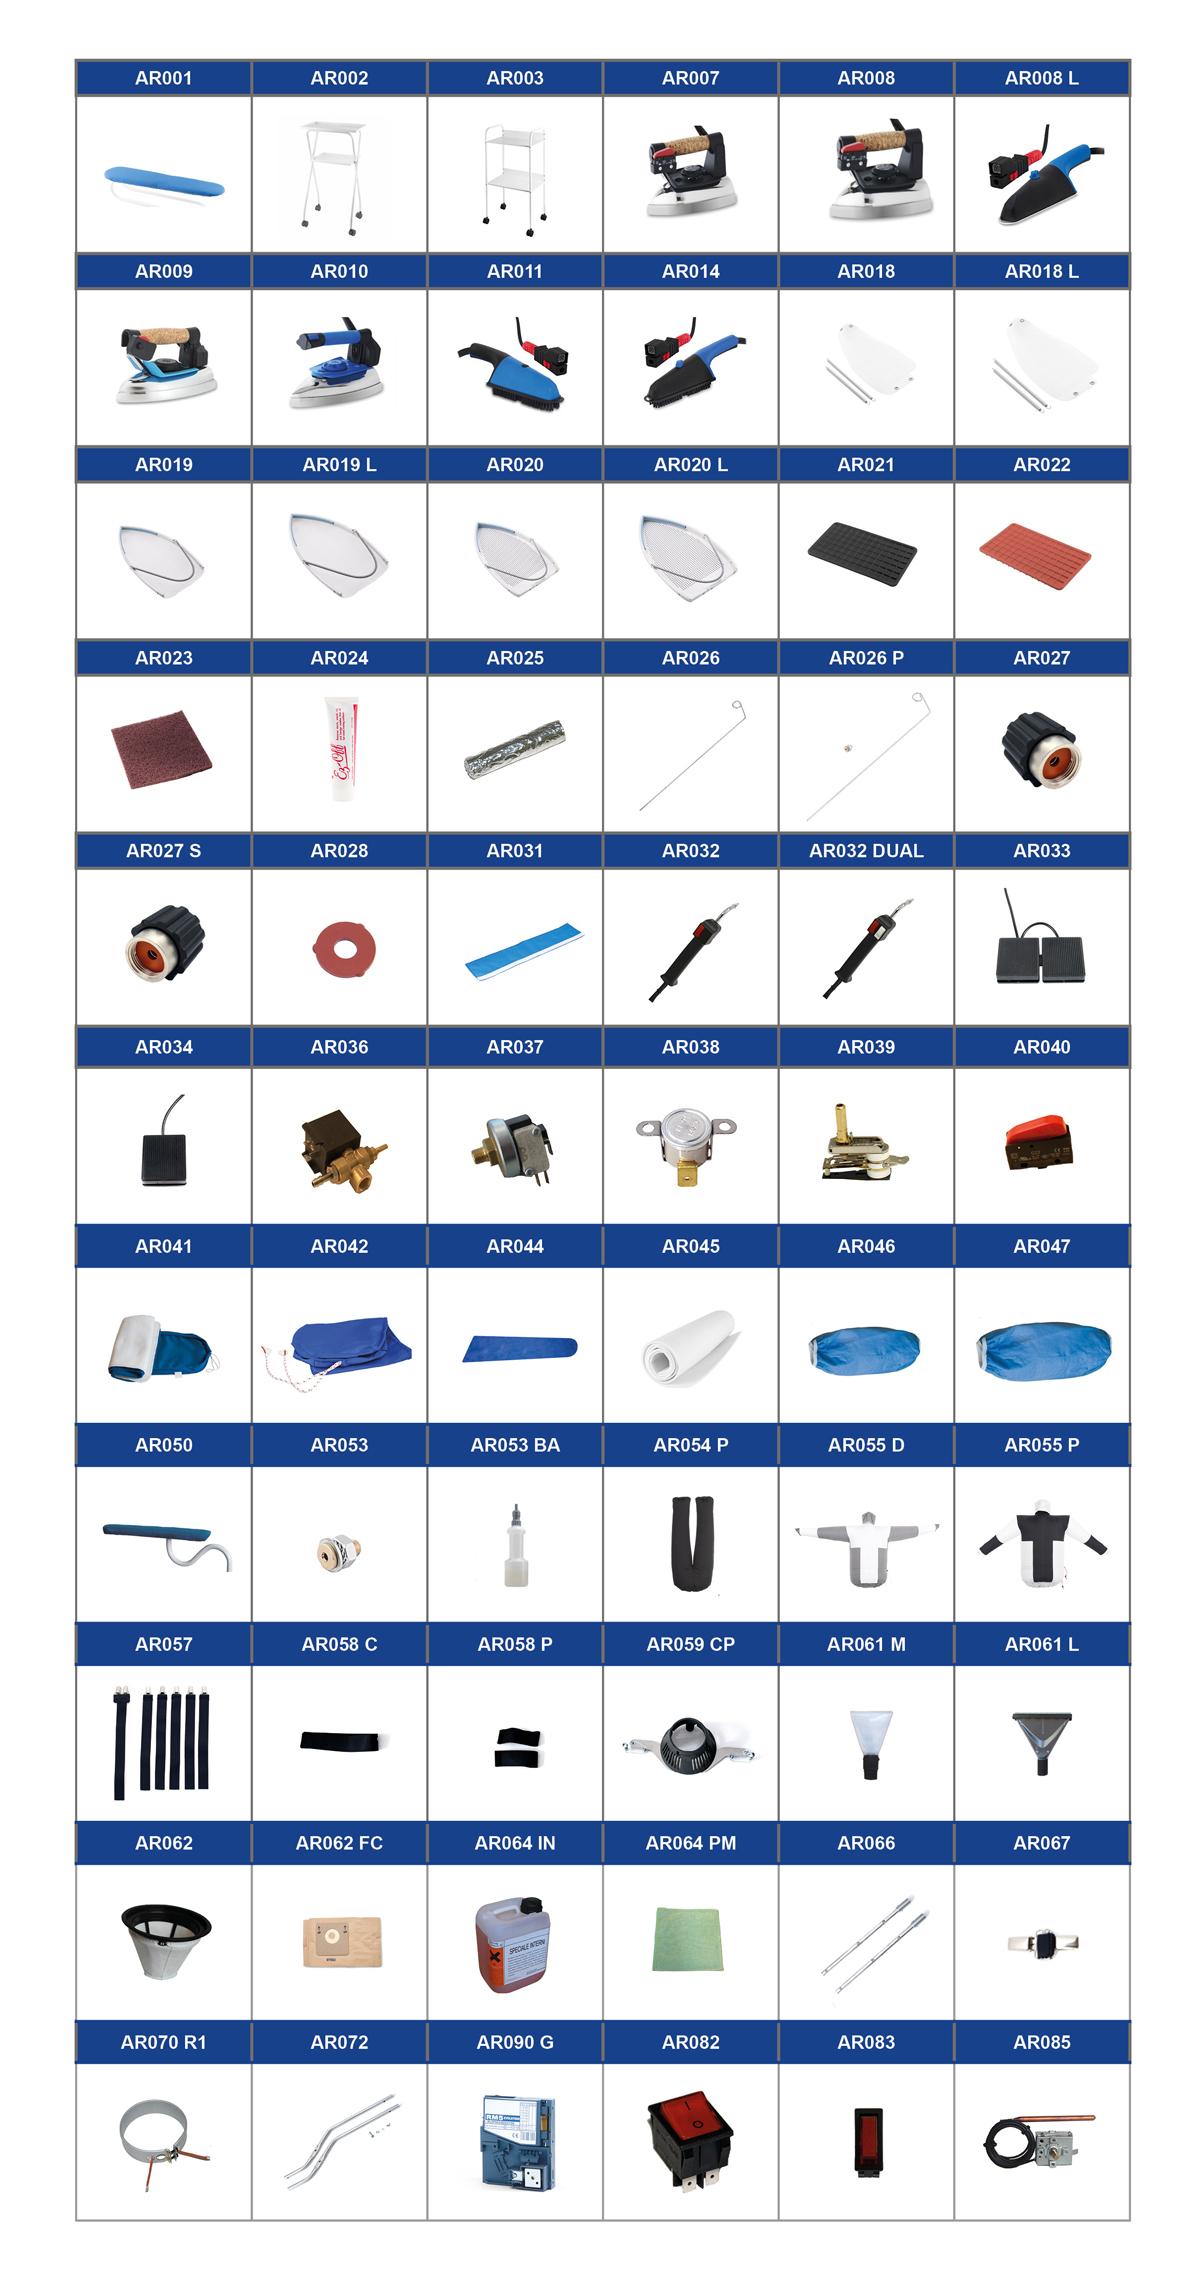 aeolus accessories image